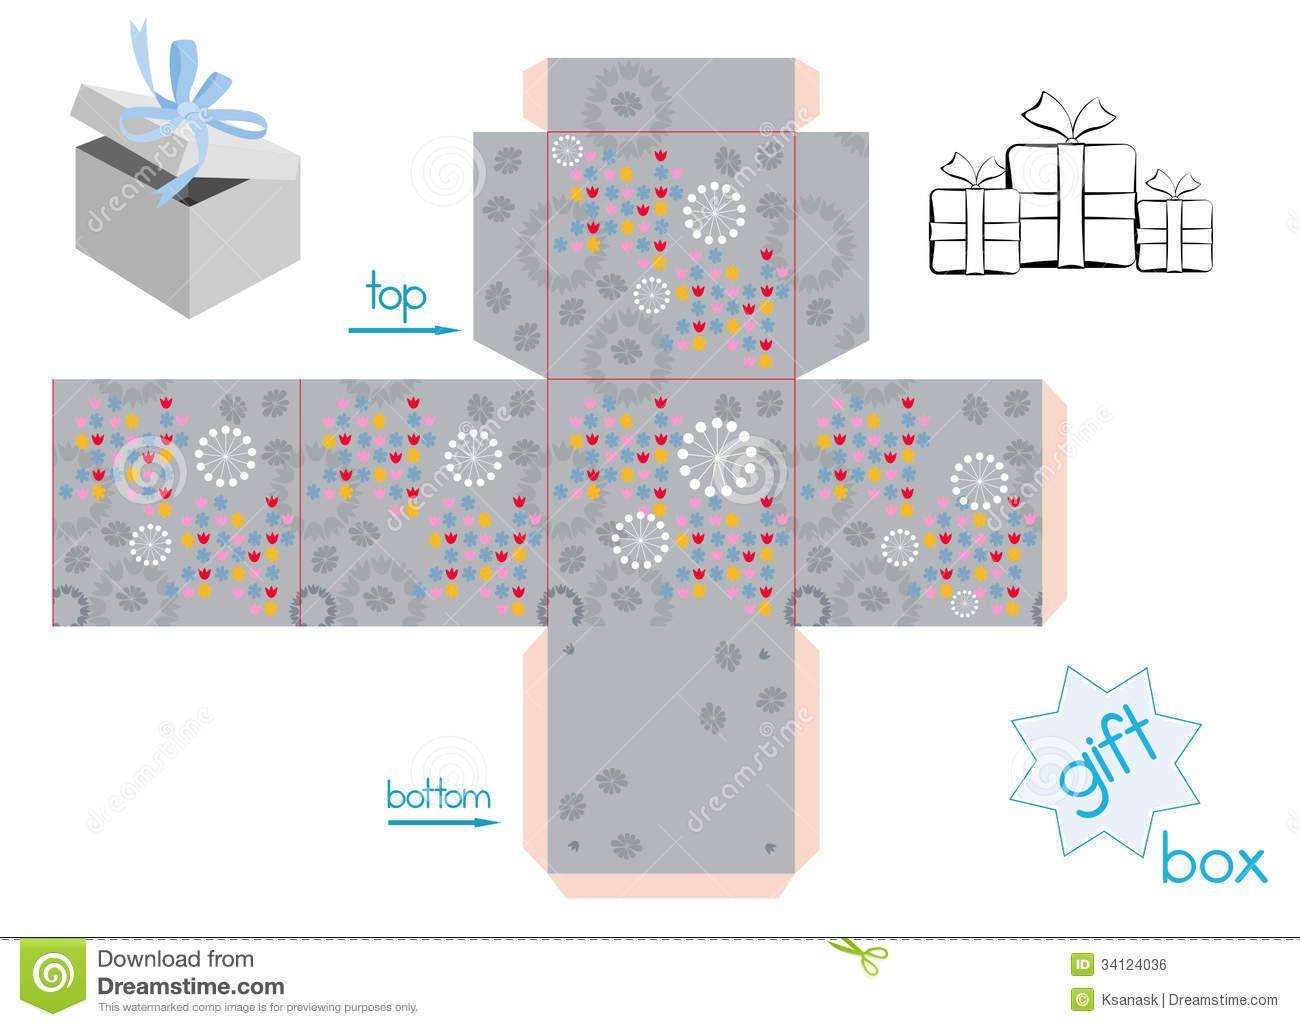 Plantilla Para La Caja De Regalo Del Cubo Imagen de archivo libre de ...